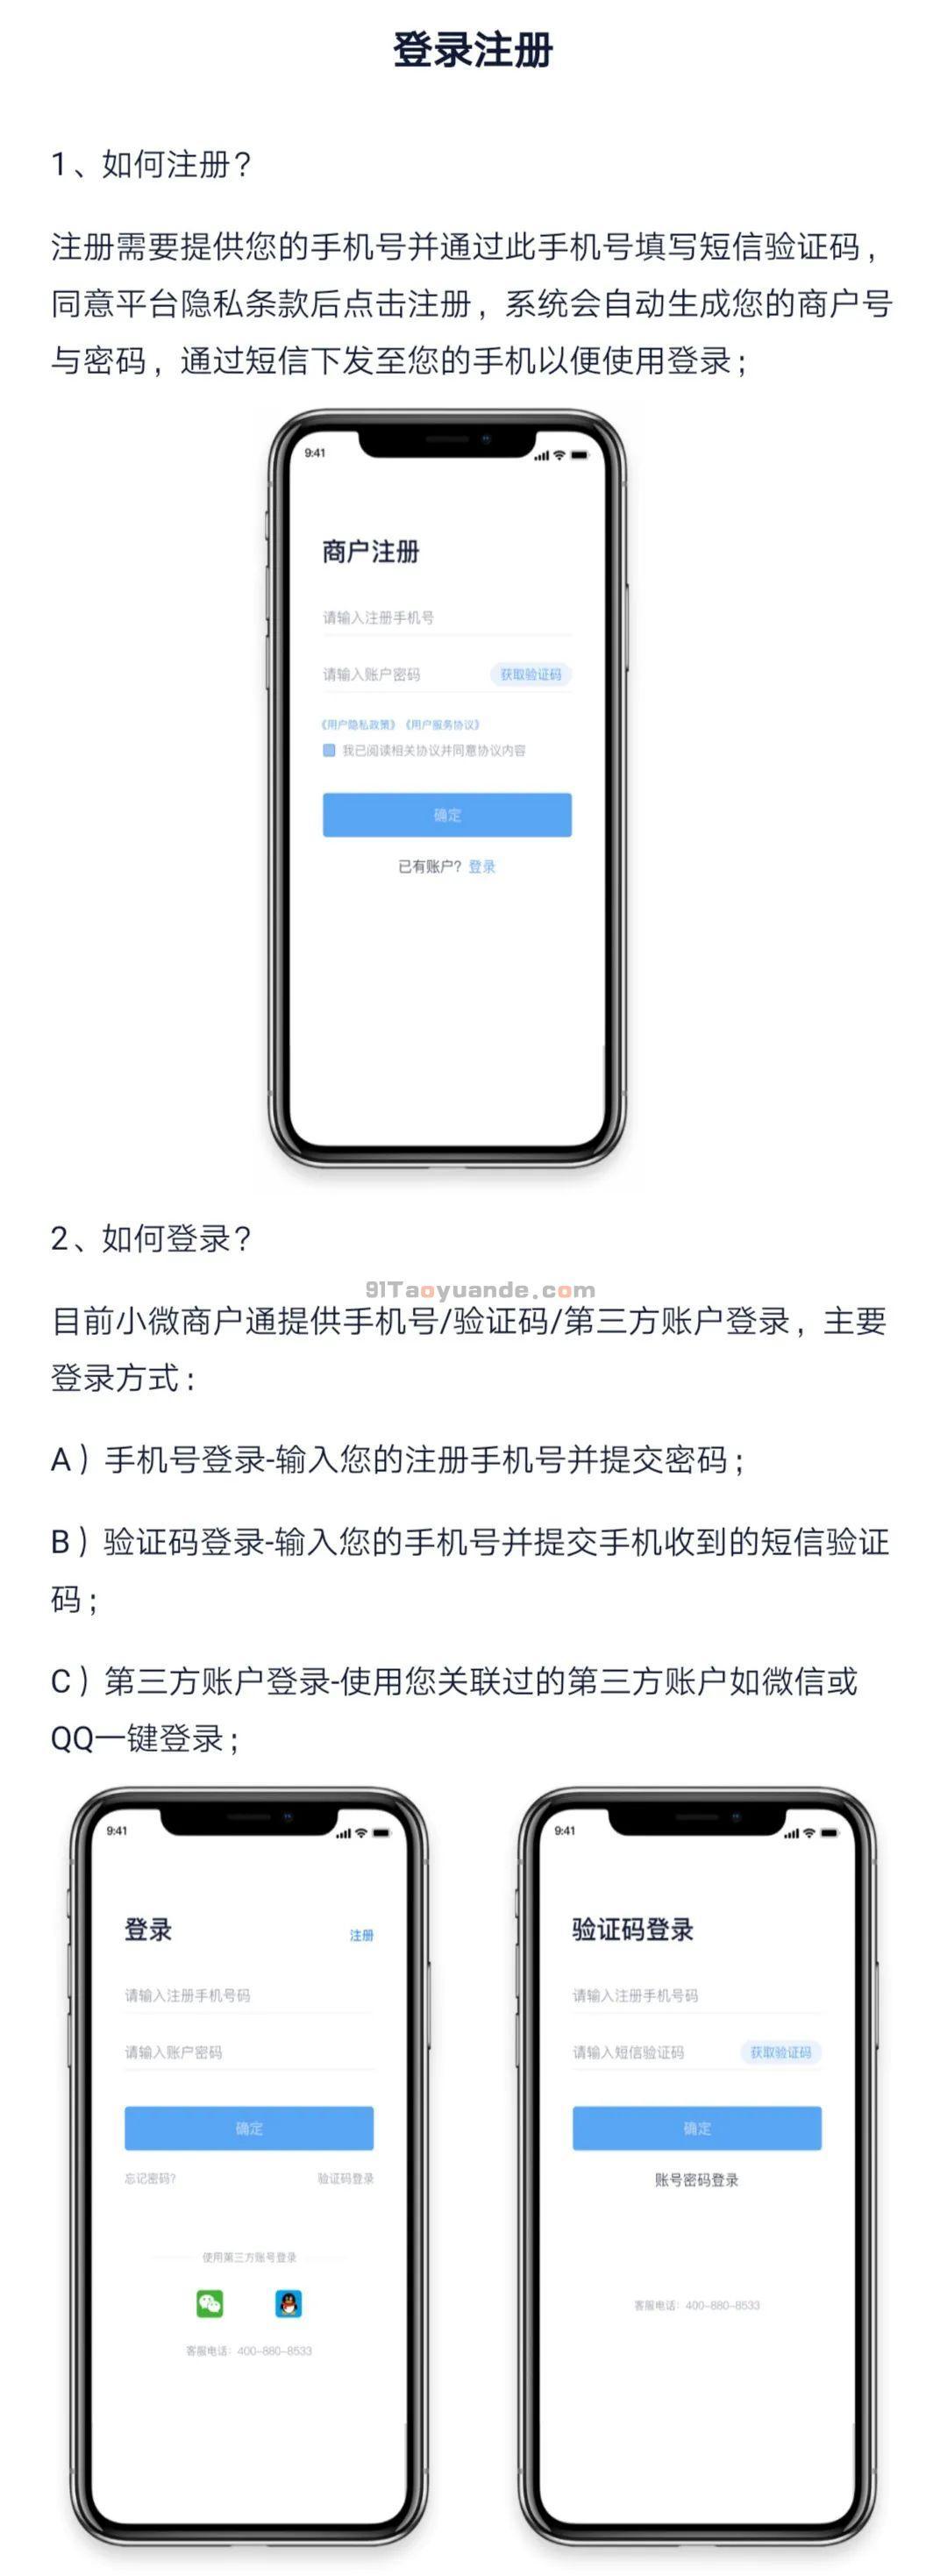 杉徳POS机注册使用流程 第1张